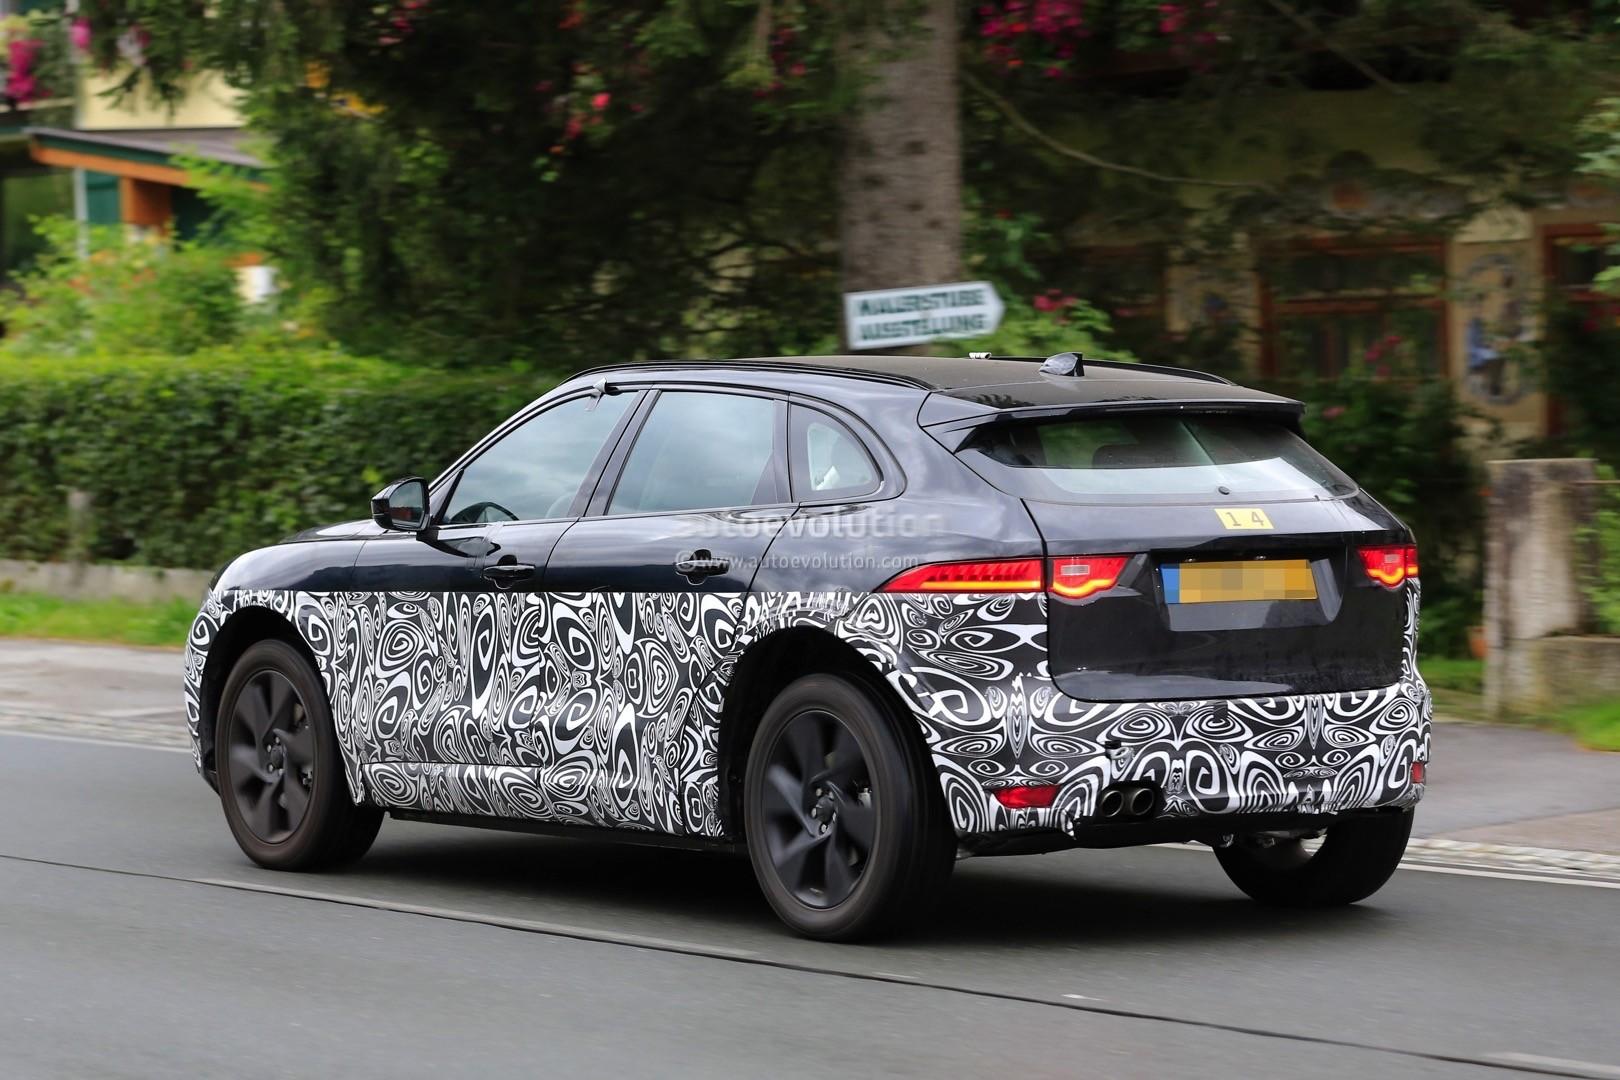 Как предполагают журналисты, на снимках - прототип электрического кроссовера Jaguar